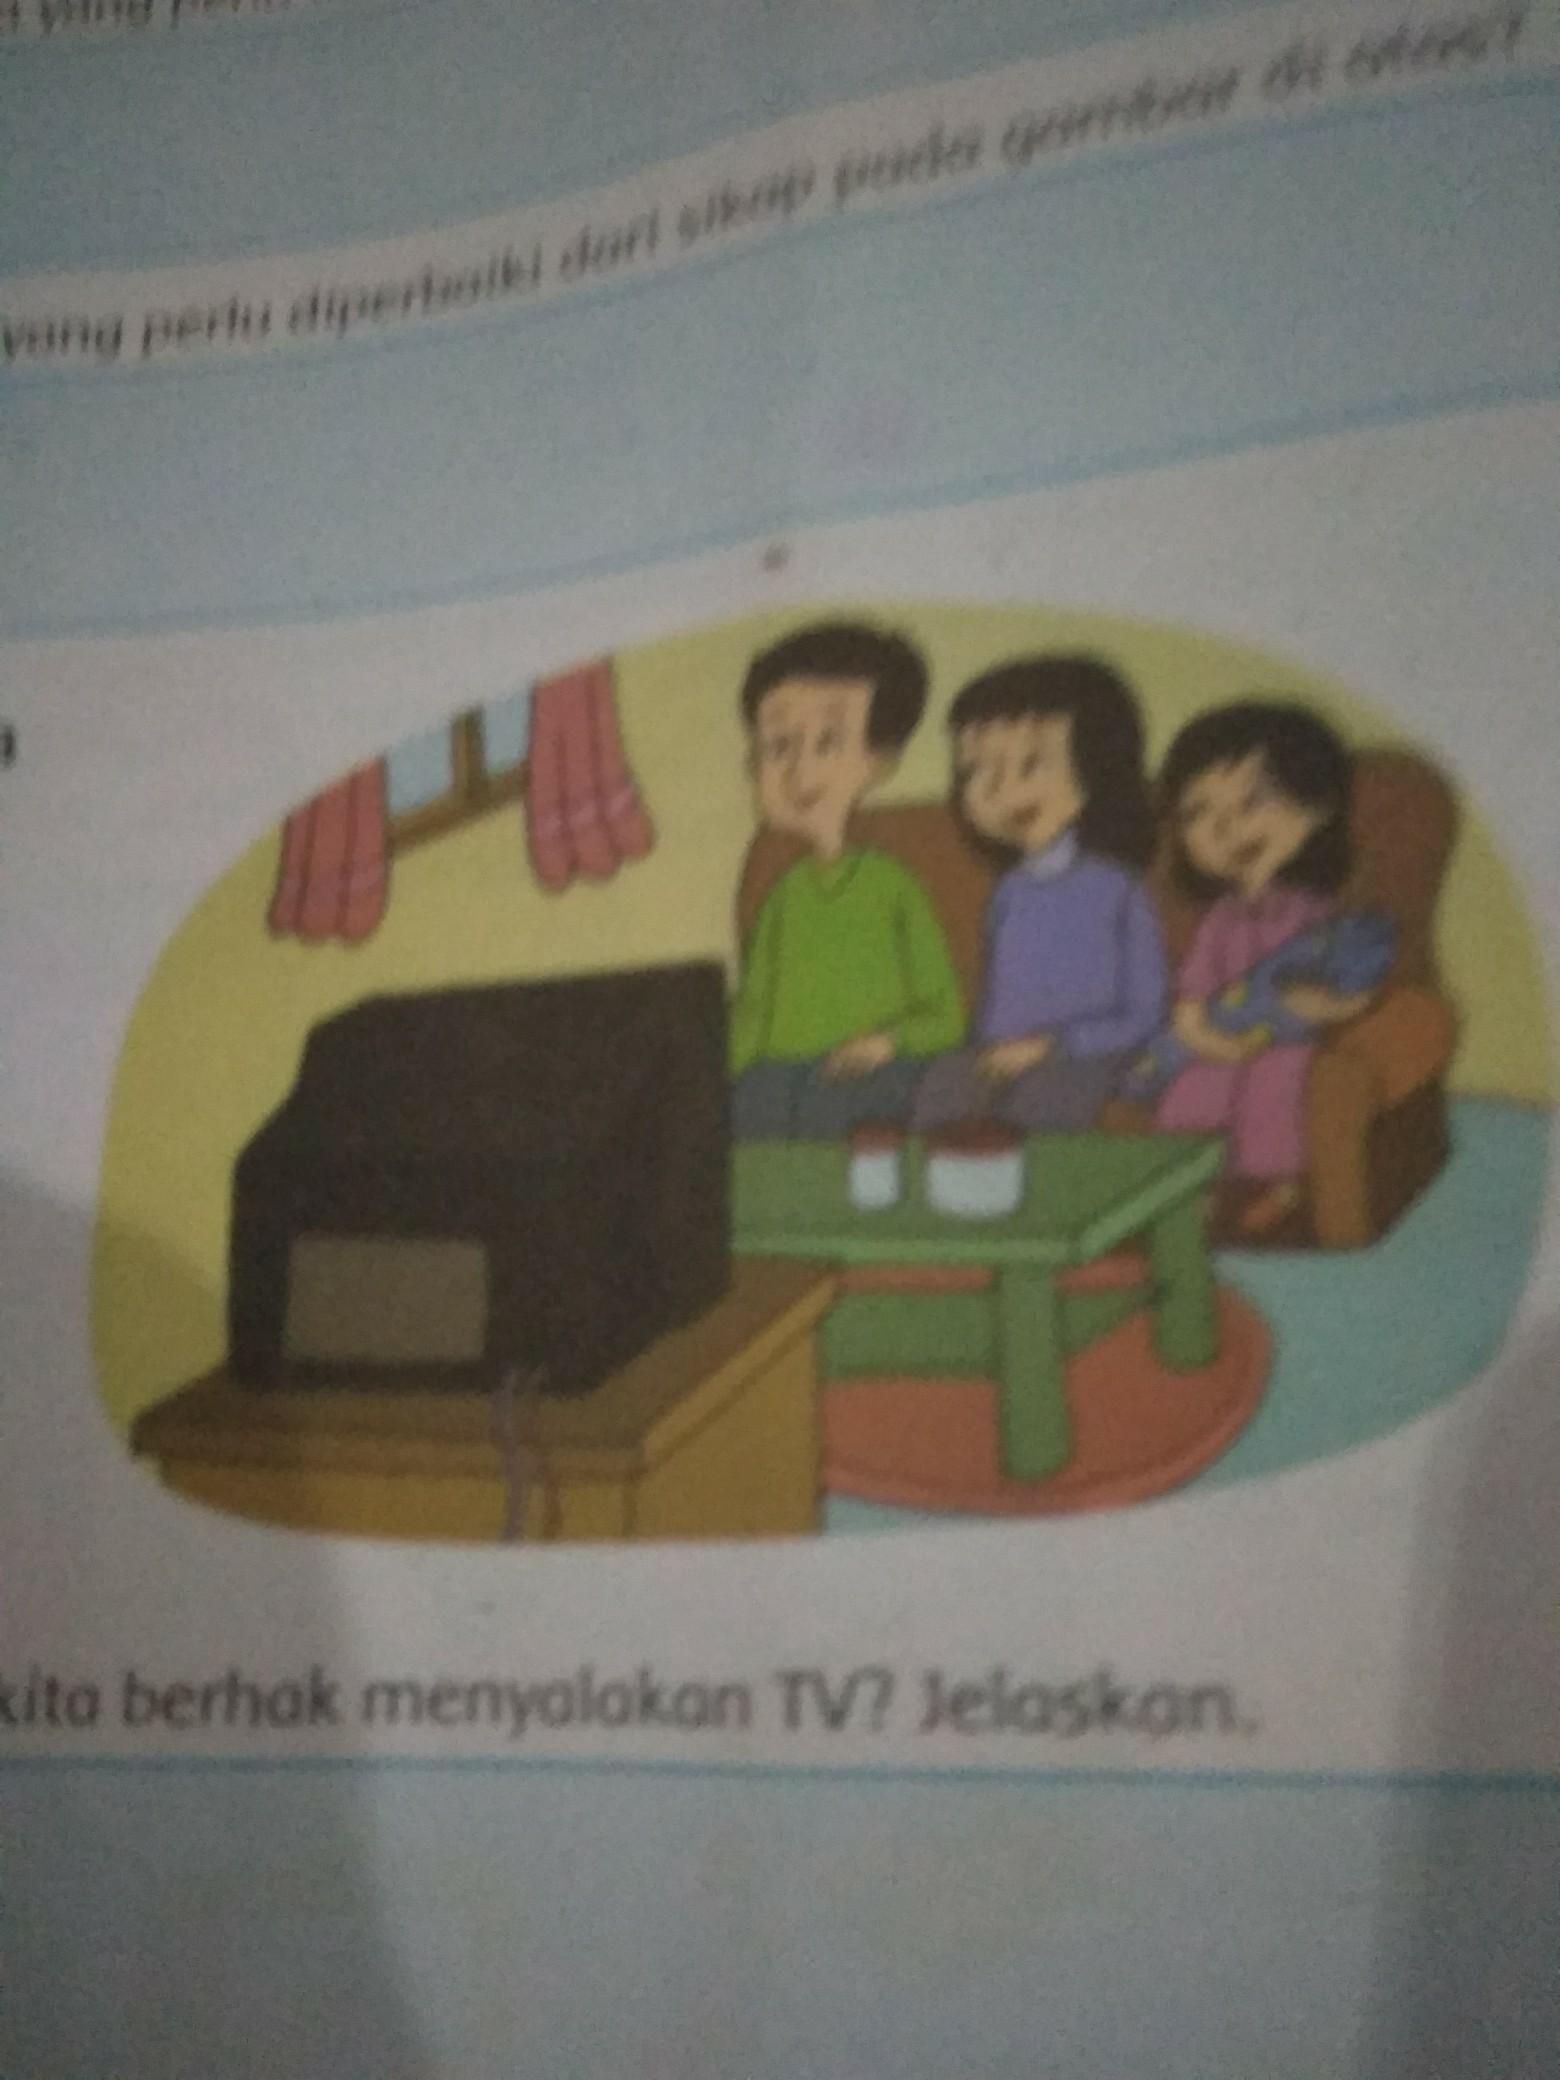 Manfaat Menonton Tv Bersama Keluarga : manfaat, menonton, bersama, keluarga, Apakah, Berhak, Menyalakan, Jelaskan